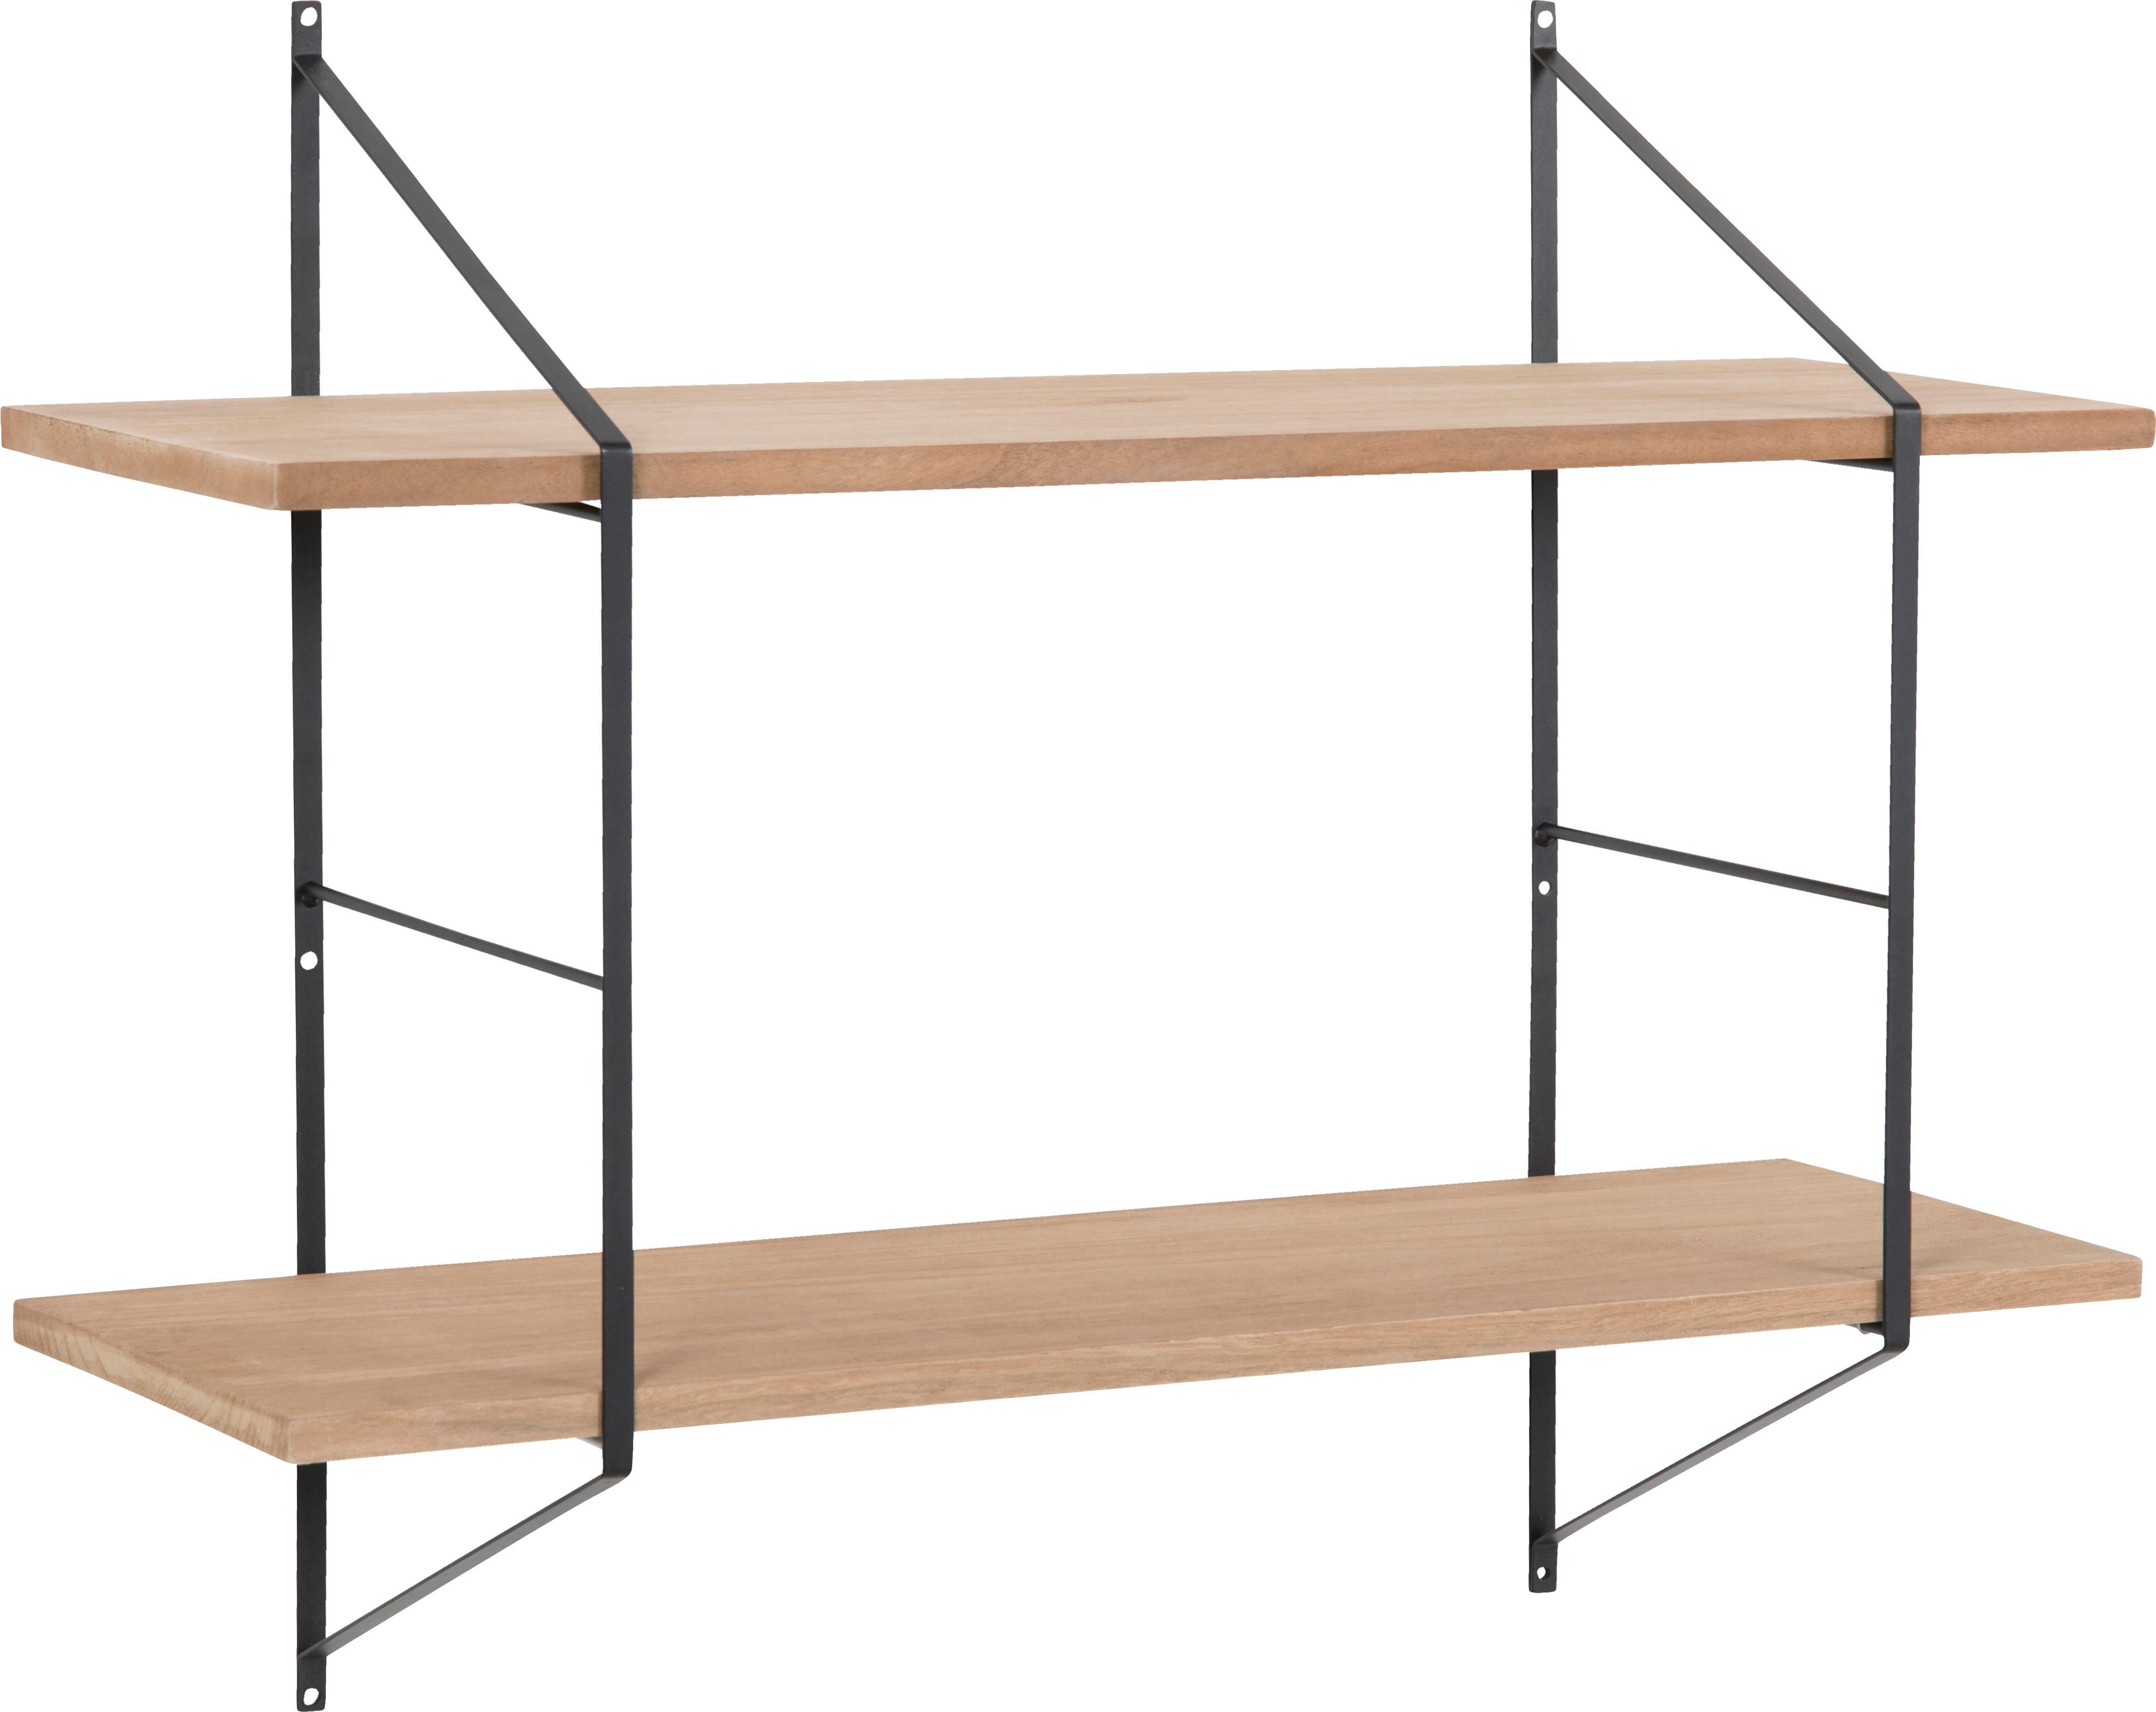 Klein wandrek Belfast van hout en metaal, Frame: gepoedercoat metaal, Frame: zwart. Planken: geolied paulowniahout, 76 x 63 cm